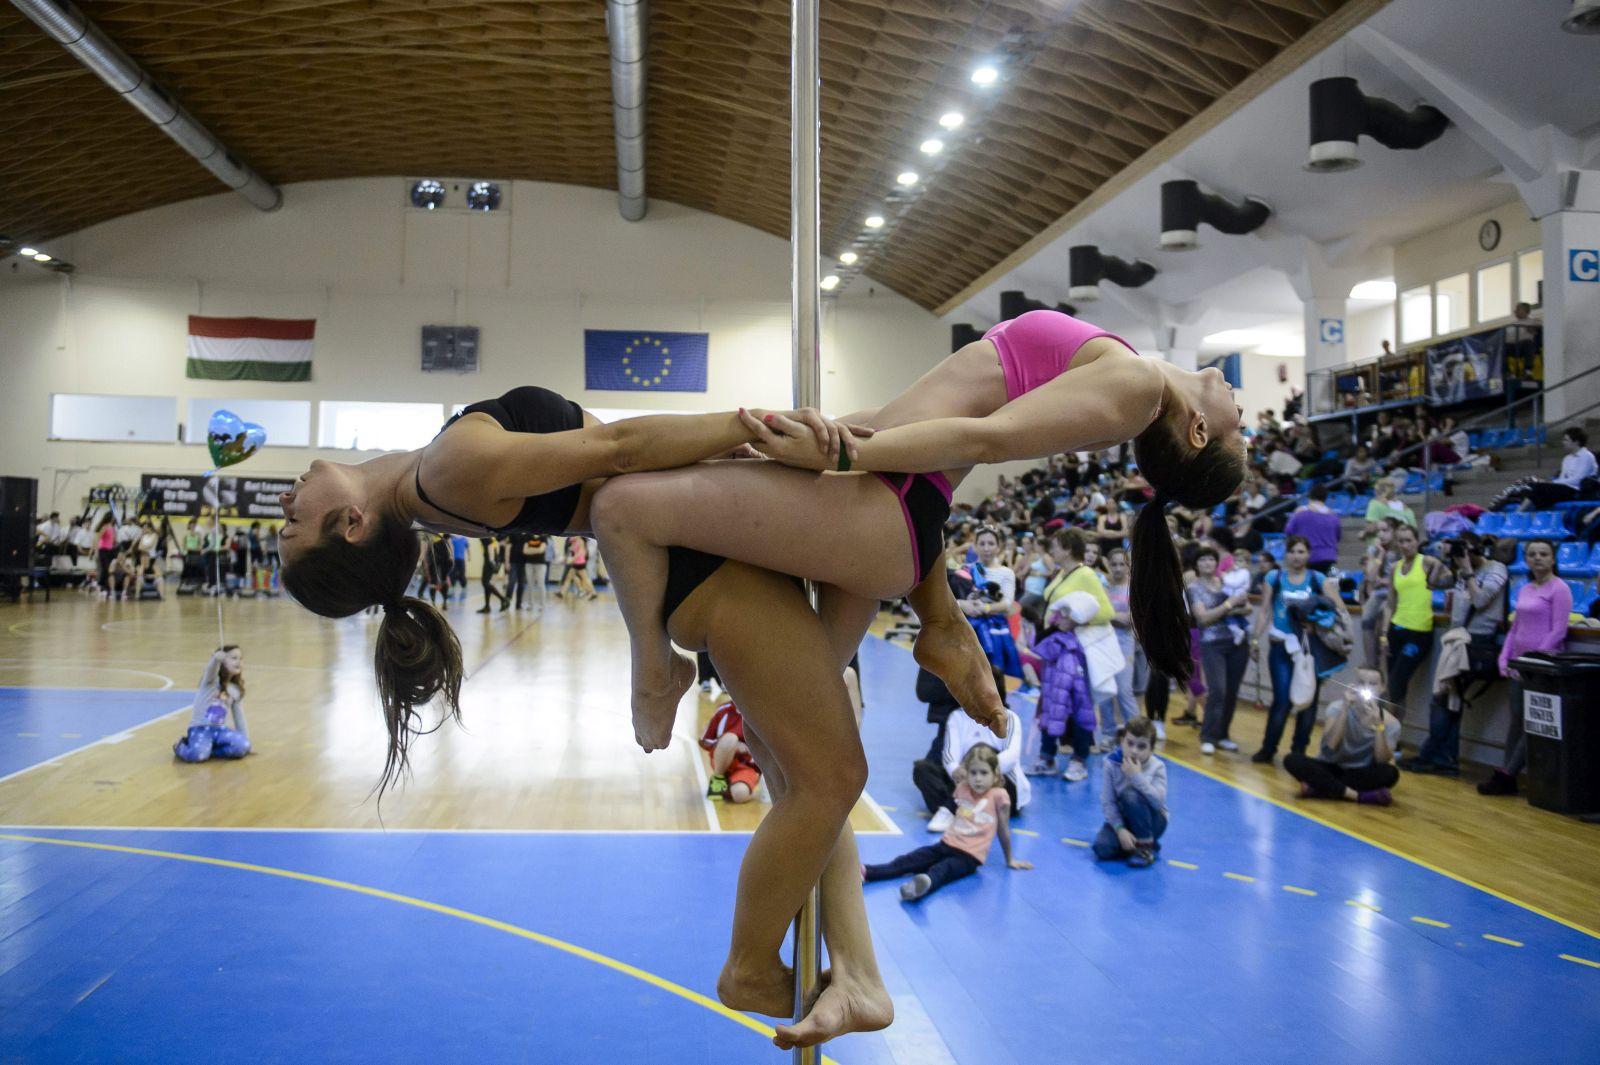 Csendes Edina (balra) és Sánta Andrea (jobbra), a Chrome Pole Fitness tagjai rúdakrobatika bemutatót tartanak a IV. Sportos Egészségnapon a salgótarjáni városi sportcsarnokban (MTI Fotó: Komka Péter)